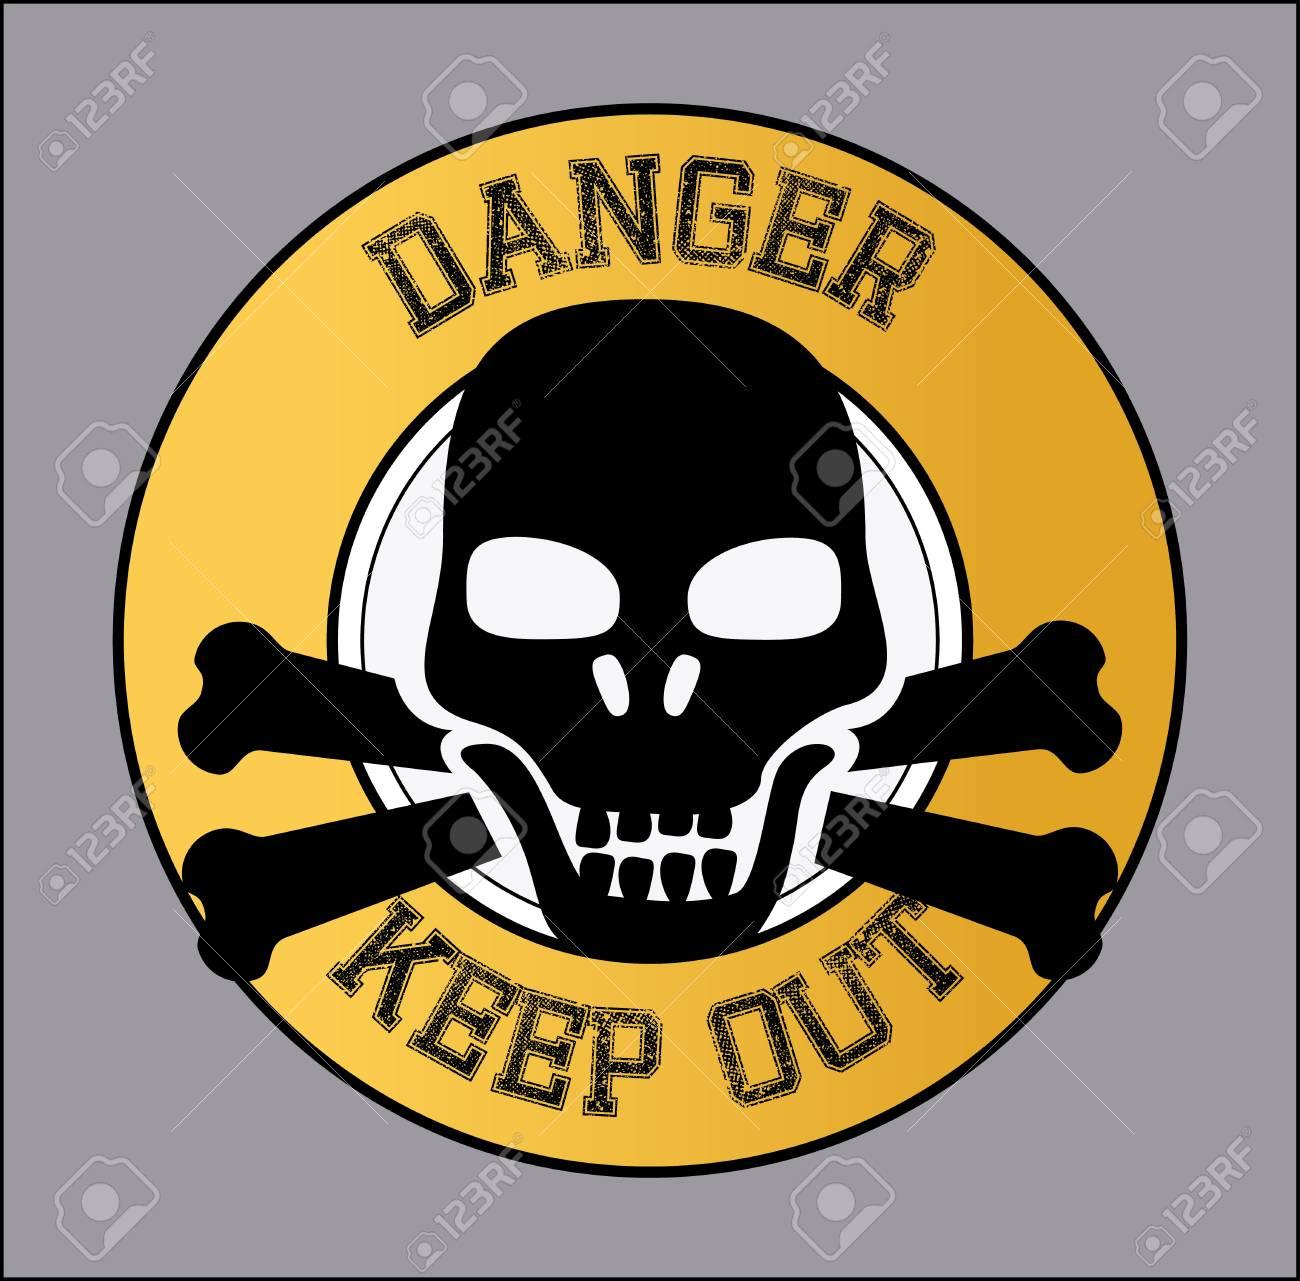 danger design over gray  background vector illustration Stock Vector - 24318926